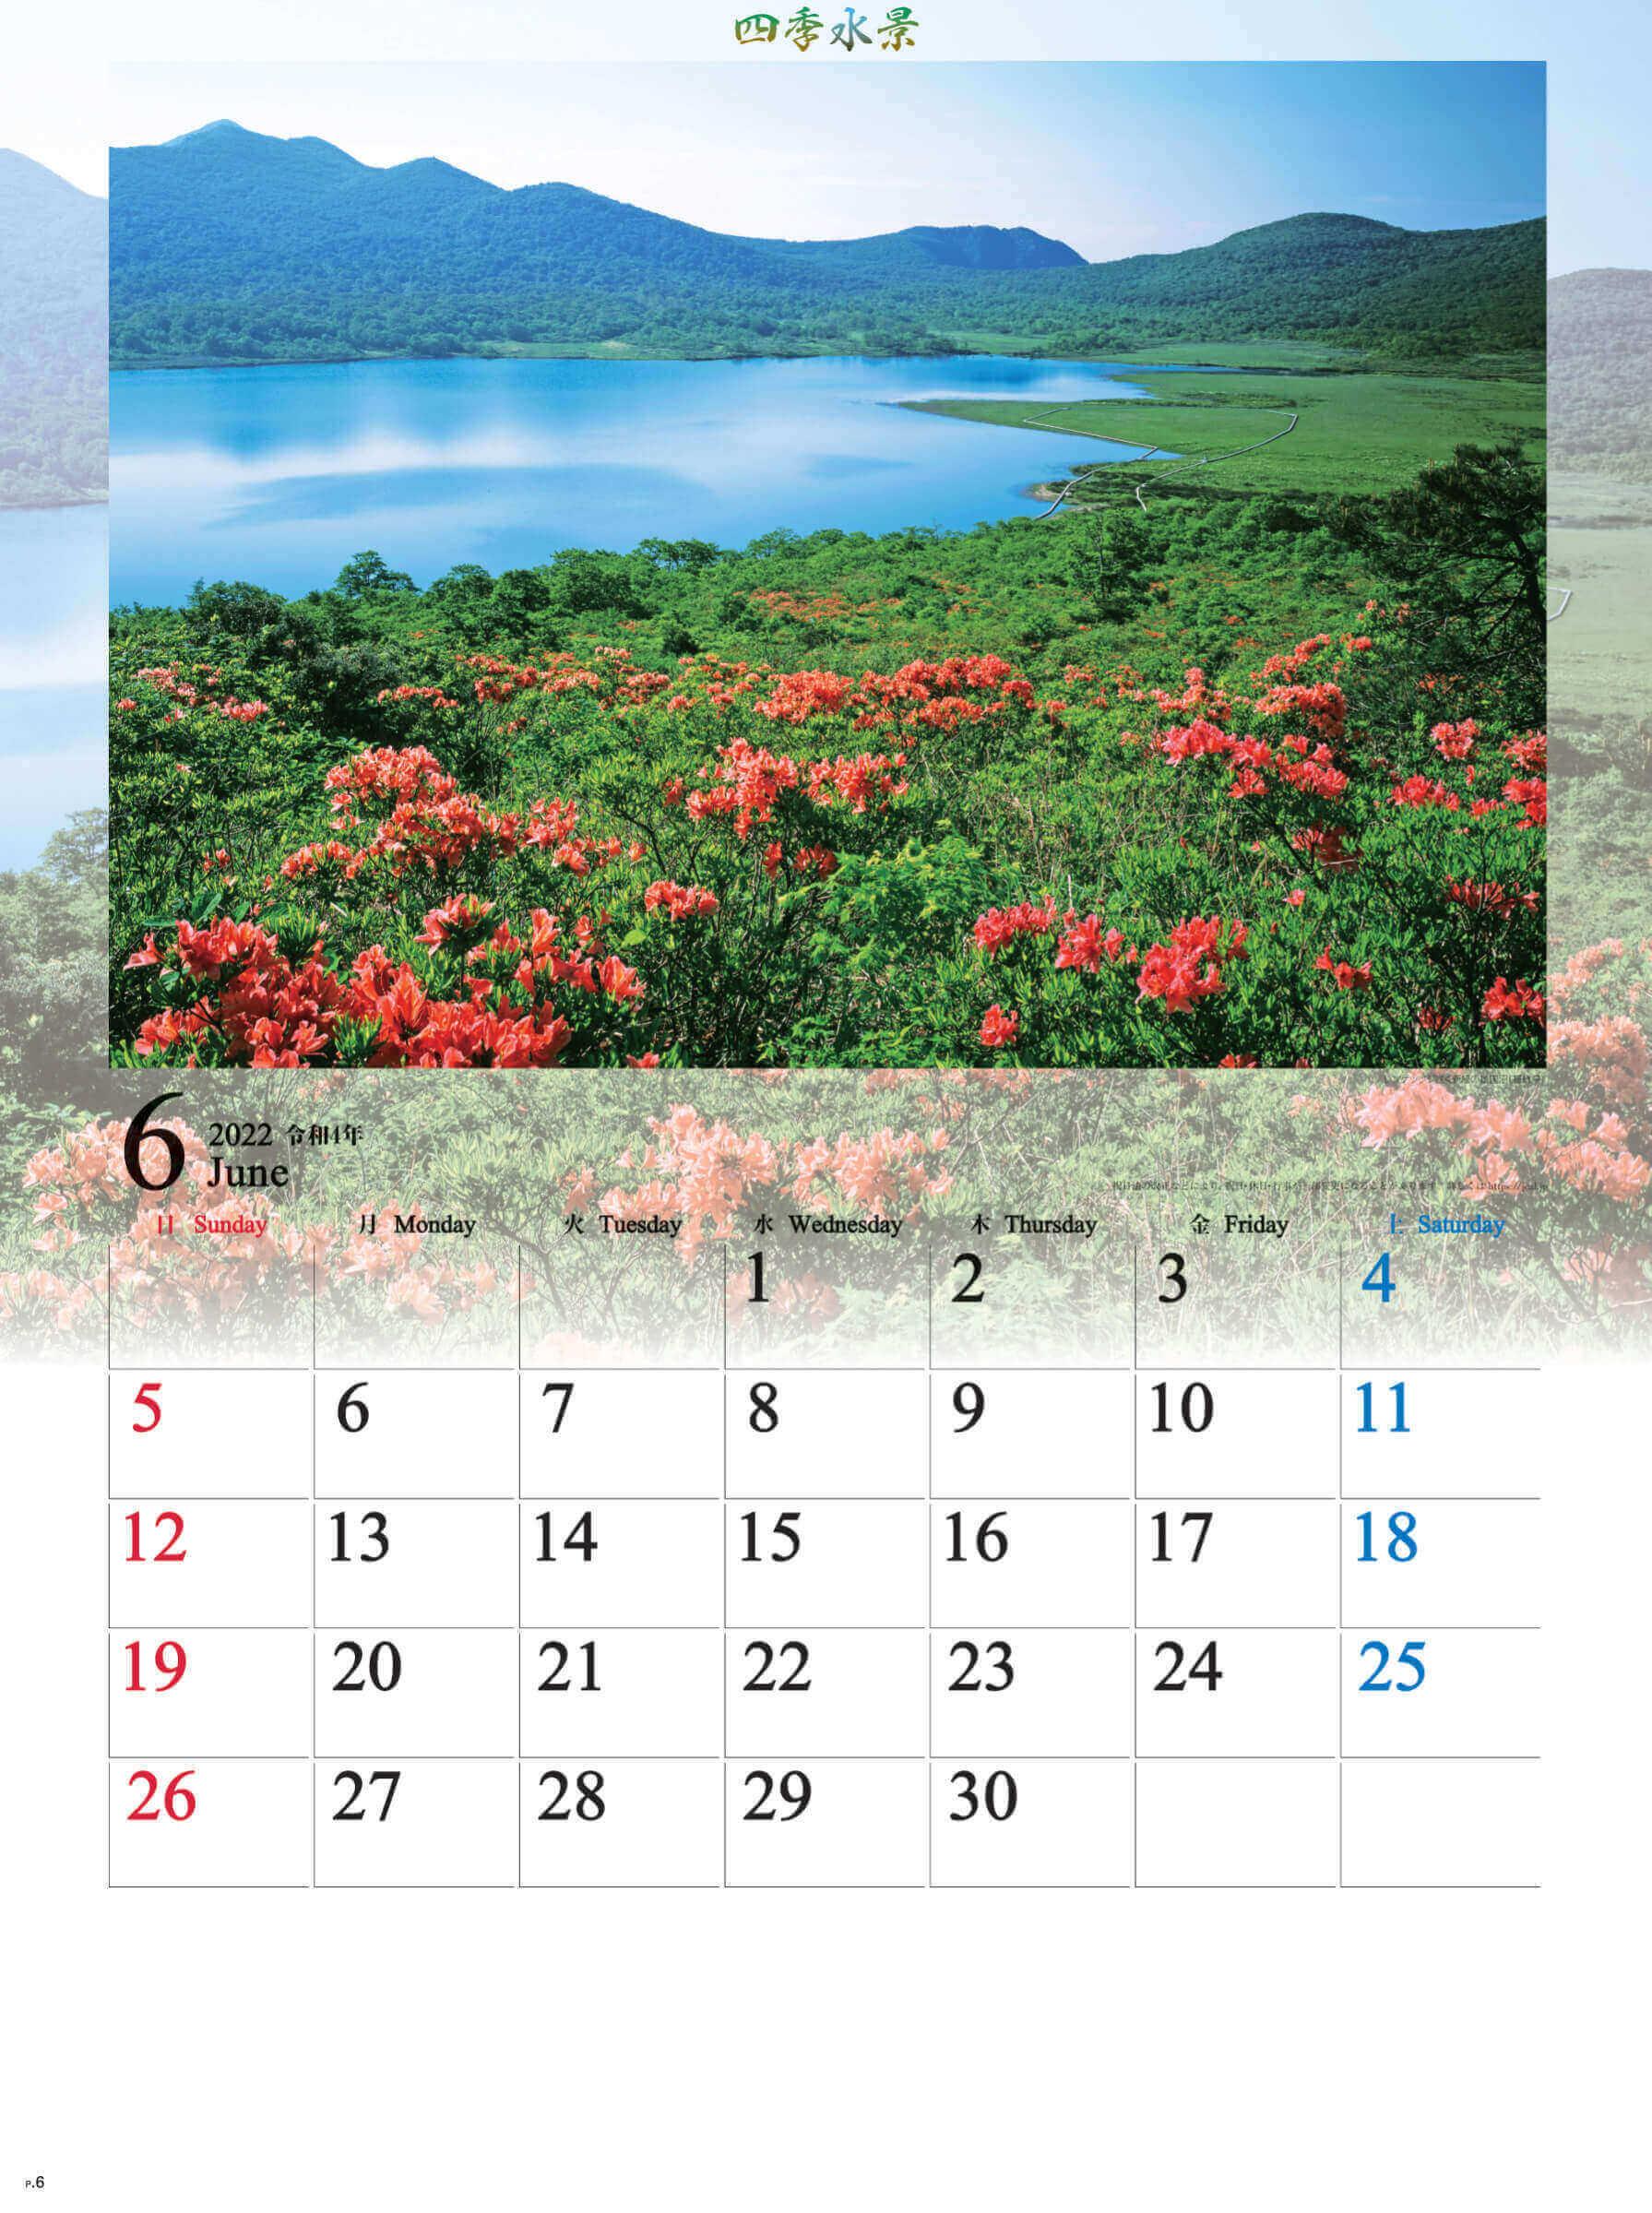 6月 レンゲツツジと雄国沼(福島) 四季水景 2022年カレンダーの画像